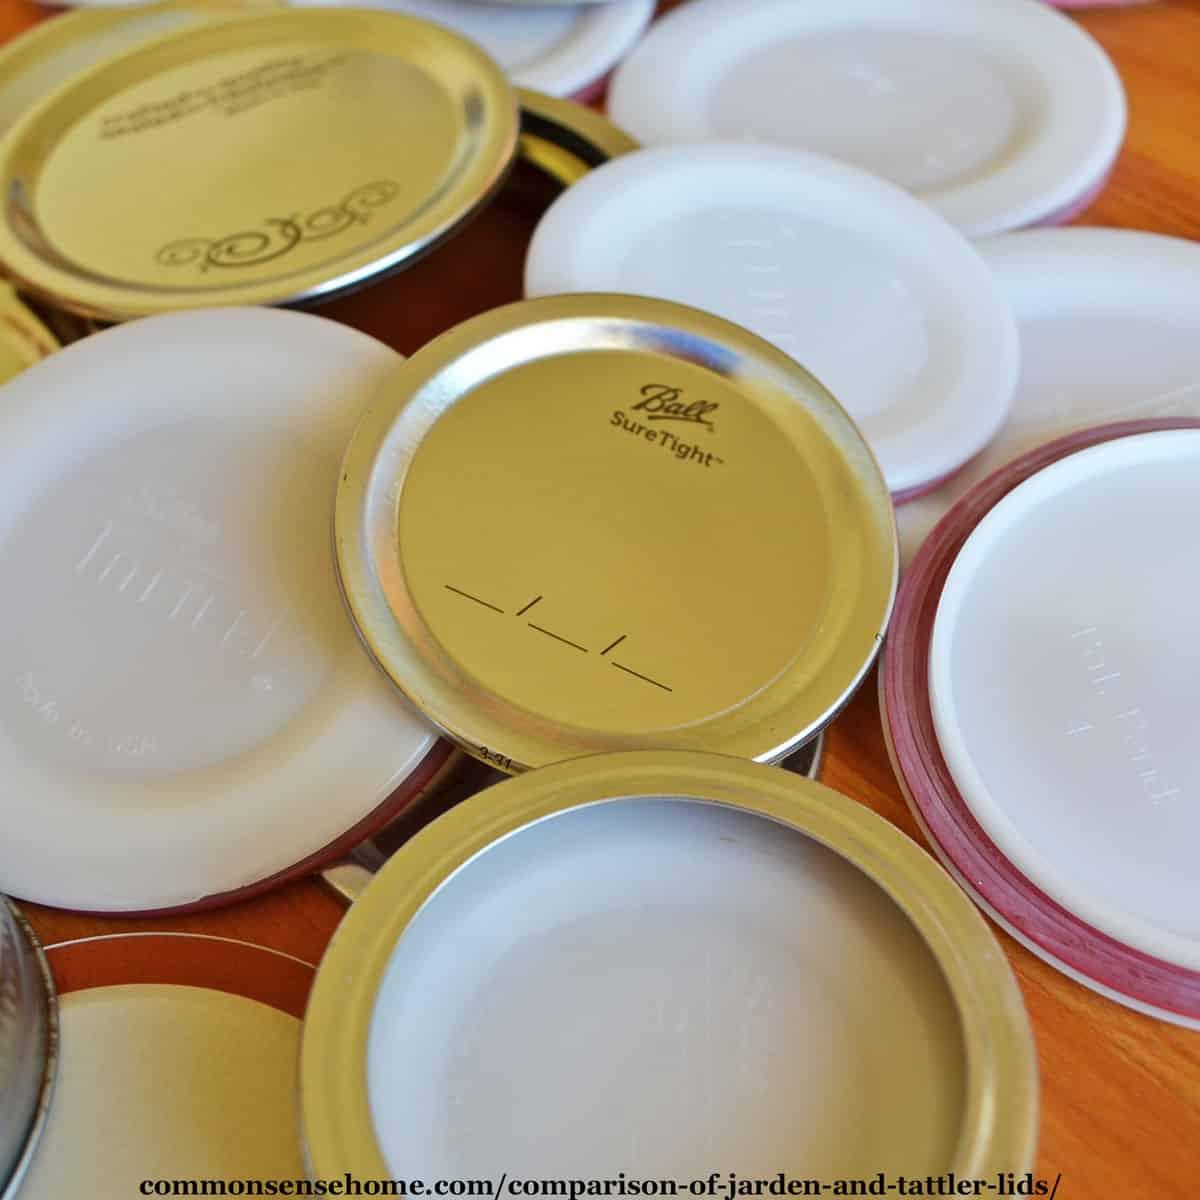 Ball metal canning lids and Tattler lids